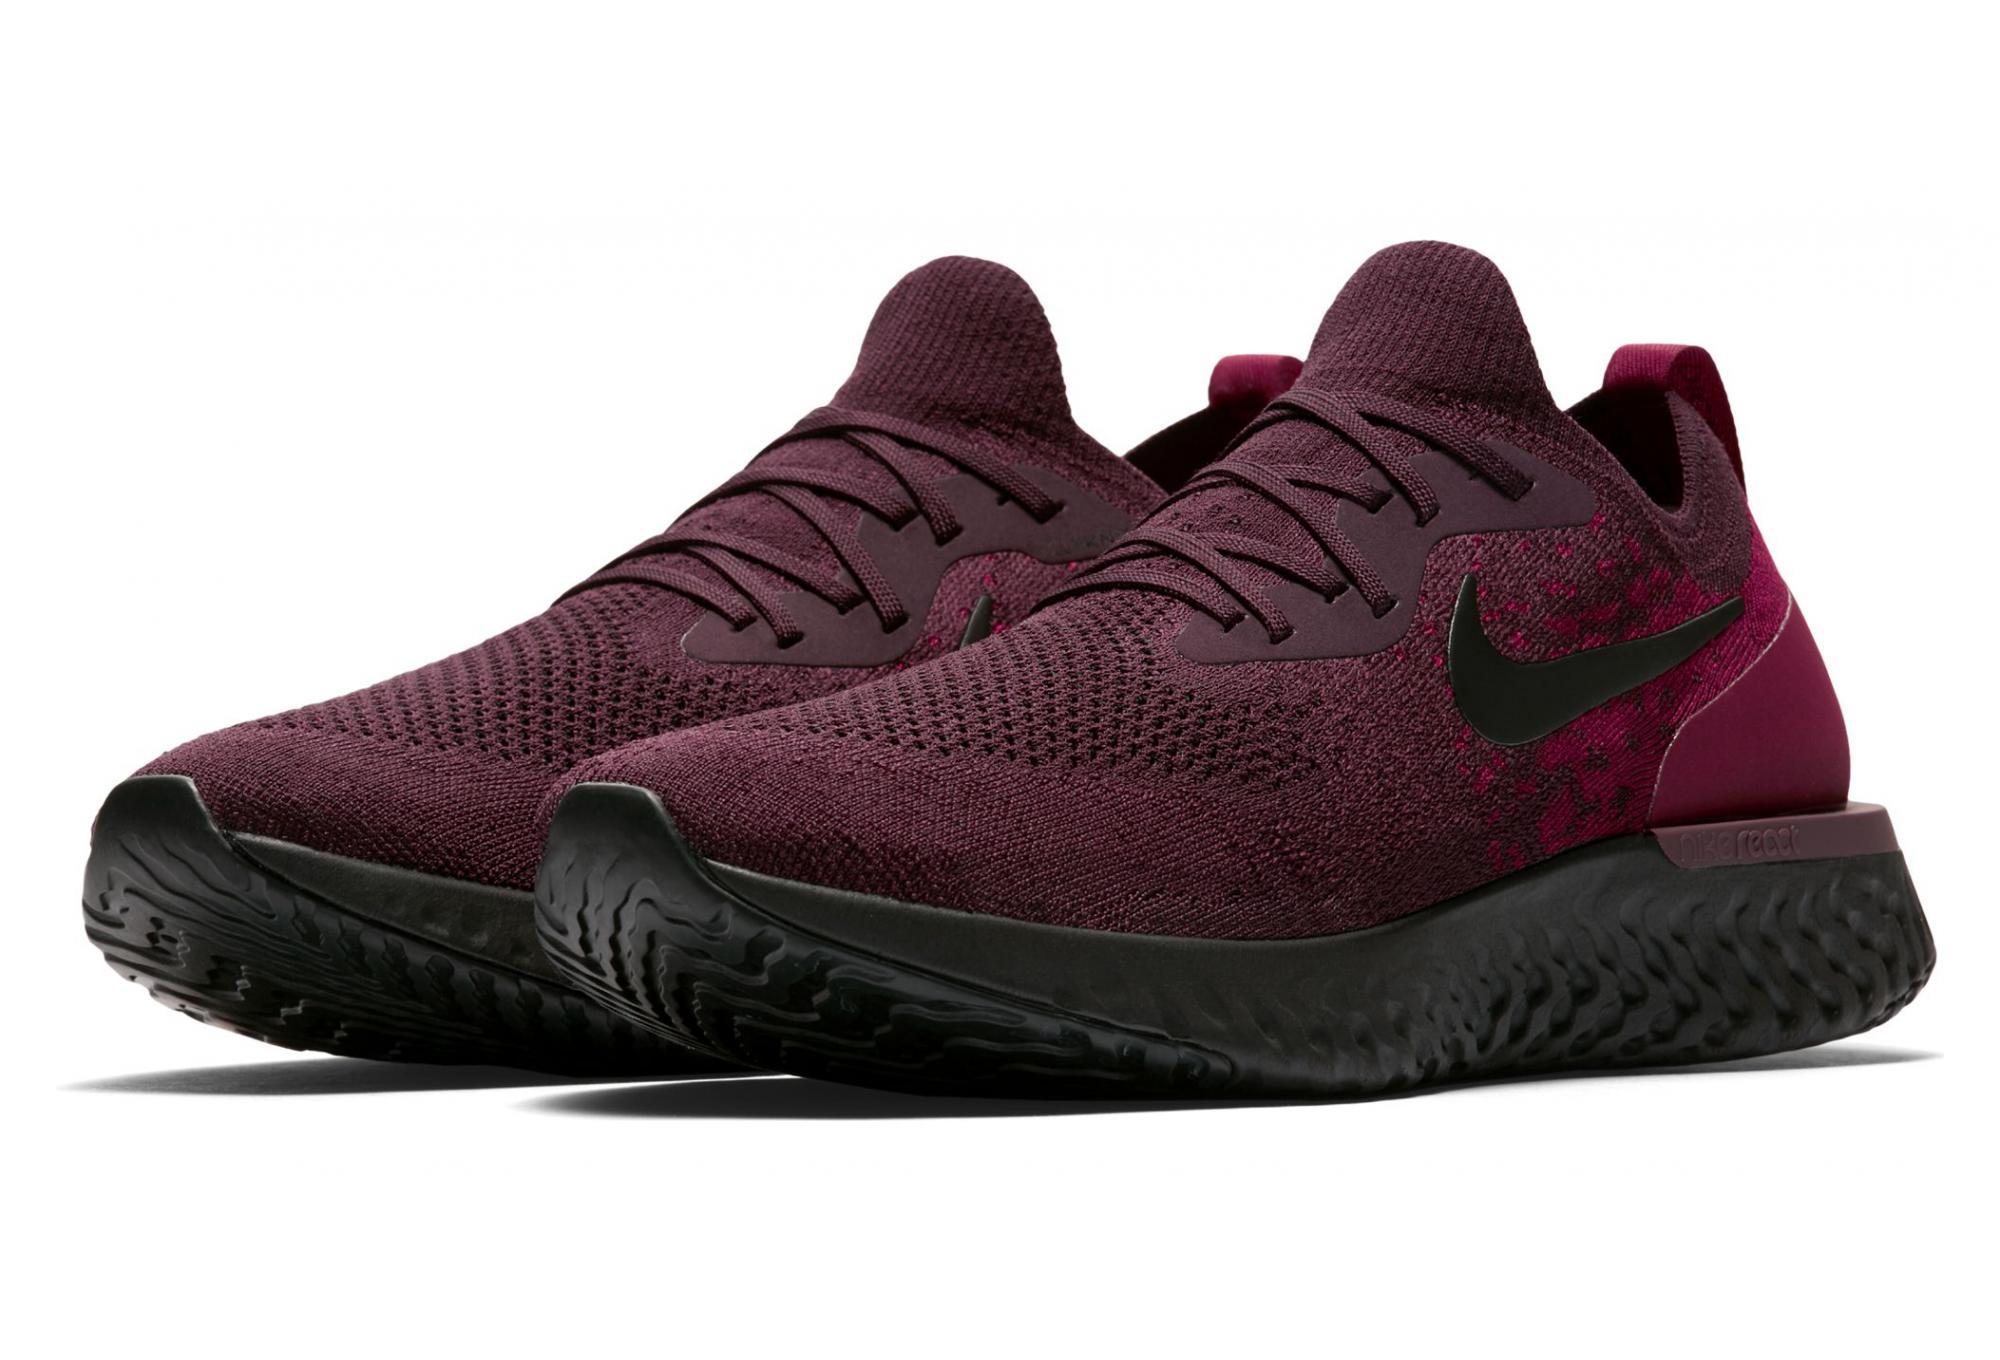 476a0f2f7ea66 Nike Epic React Flyknit Red Wine Men